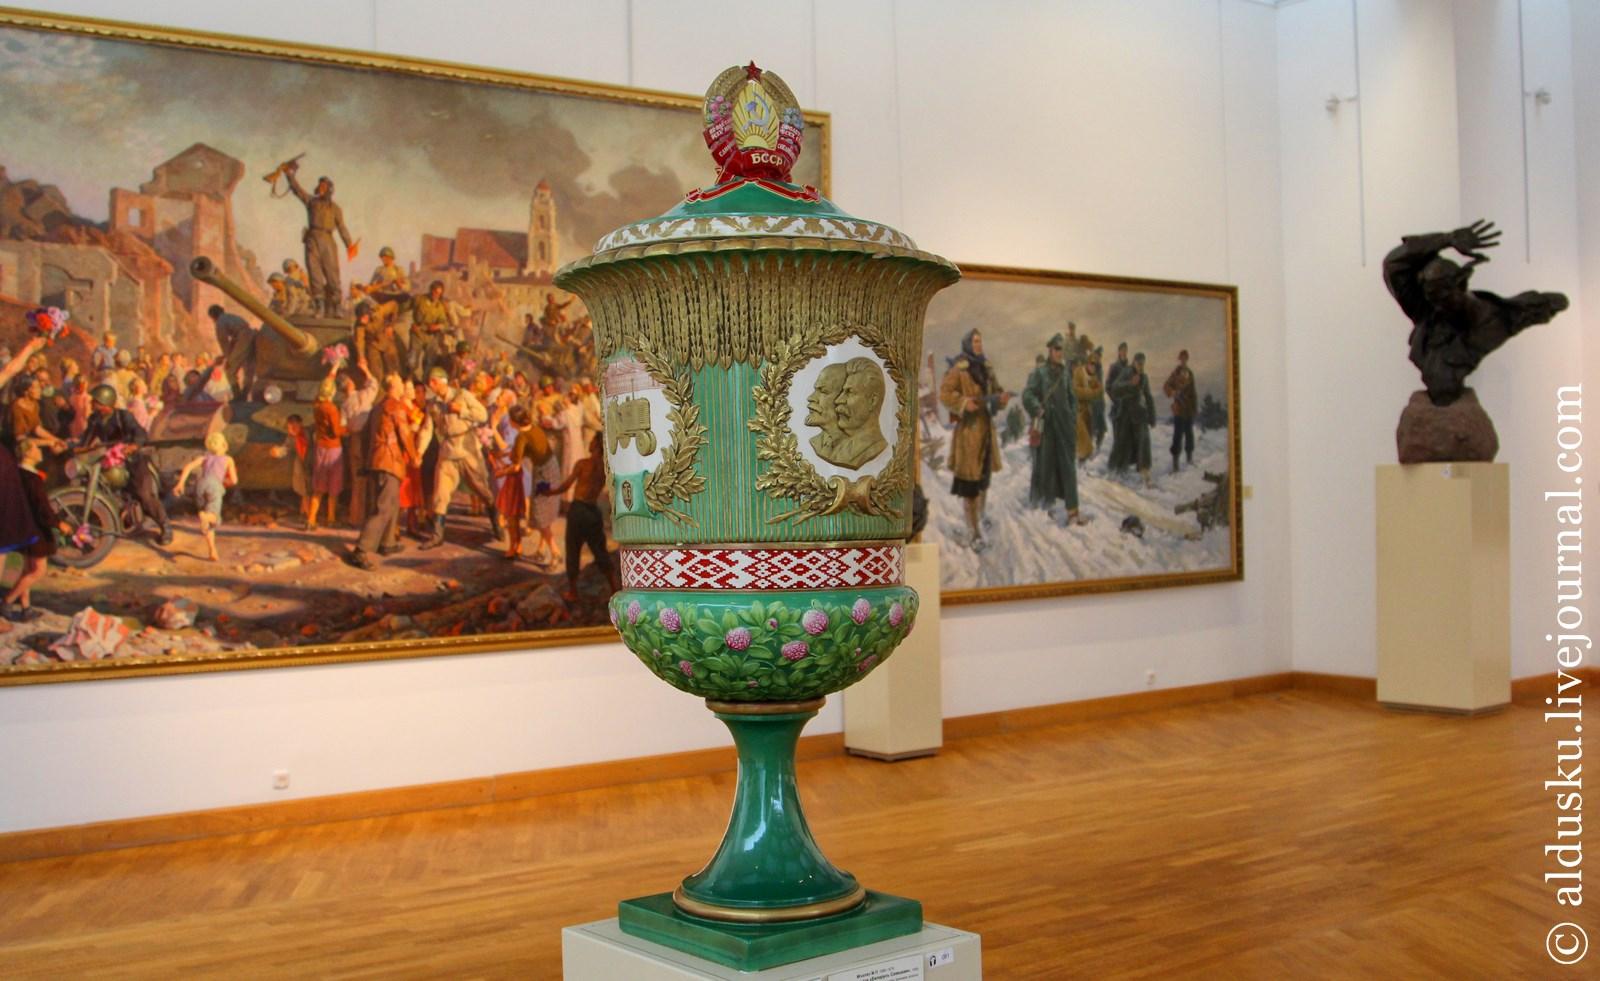 Михолап Н.П. (1886–1979) Декоративная ваза «Беларусь Советская». 1955. Фаянс, лепной рельеф, роспись, цветная глазурь, матовое золото